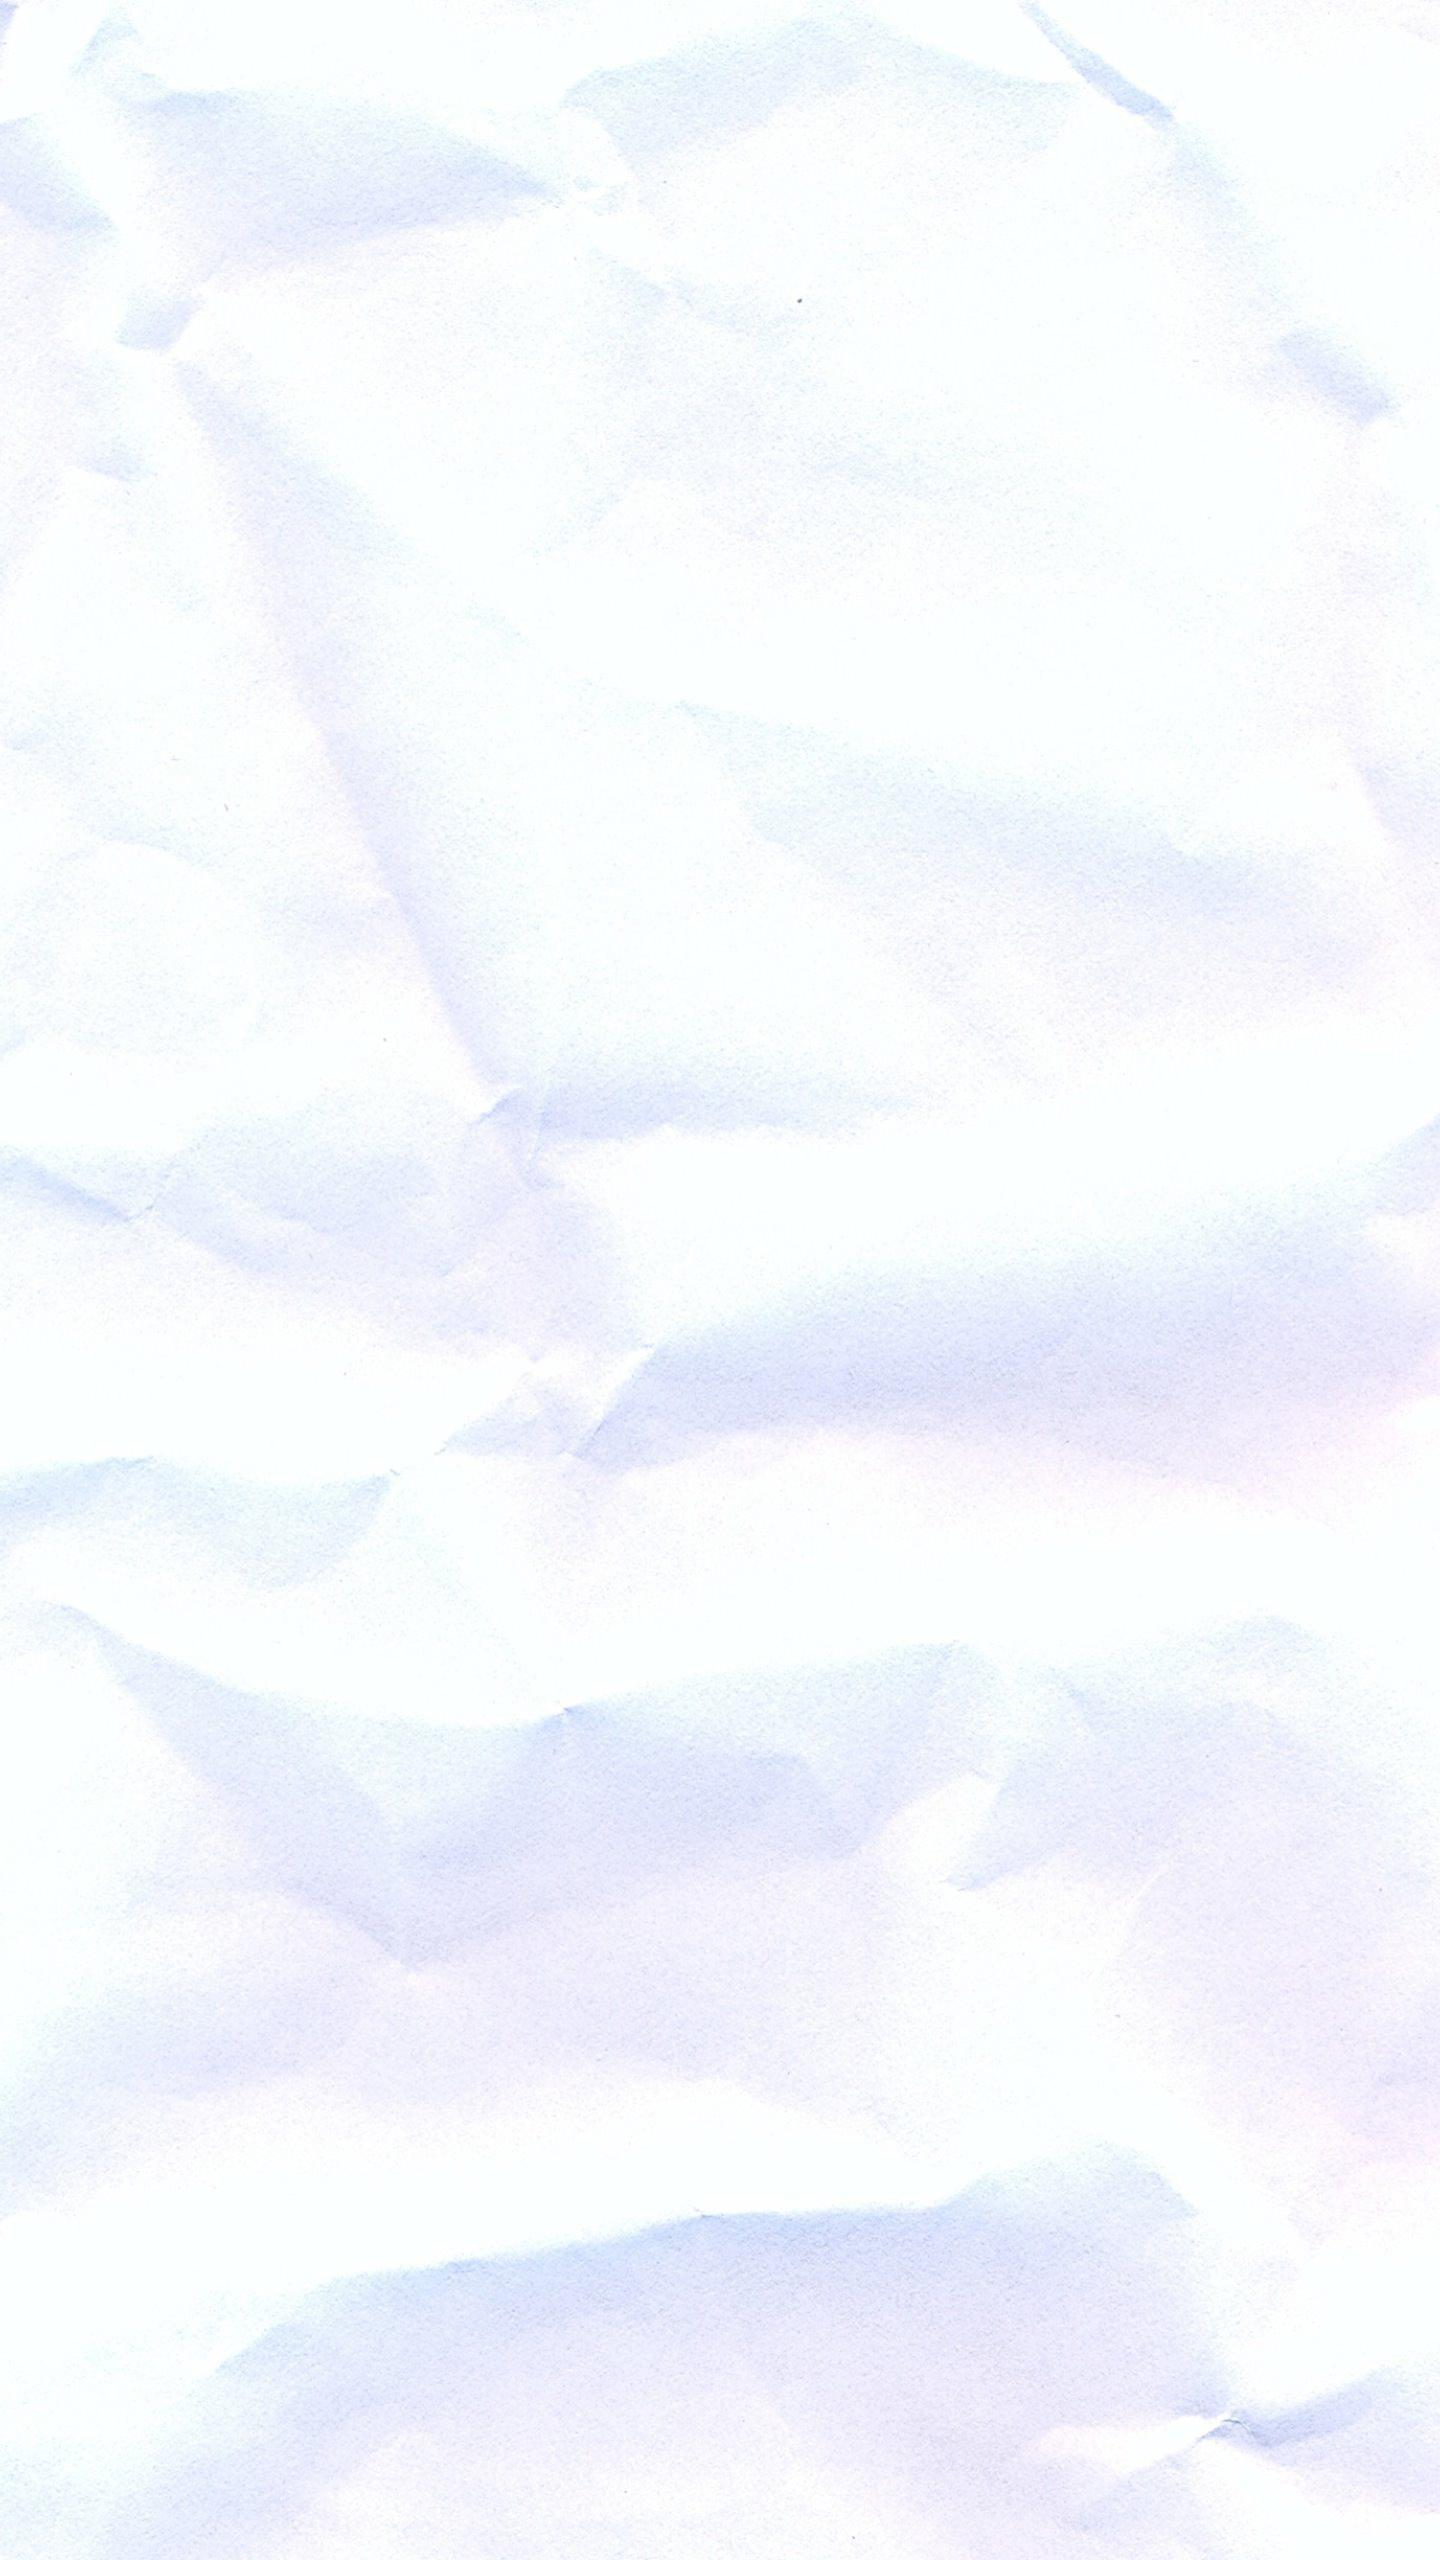 スマホWQHD壁紙